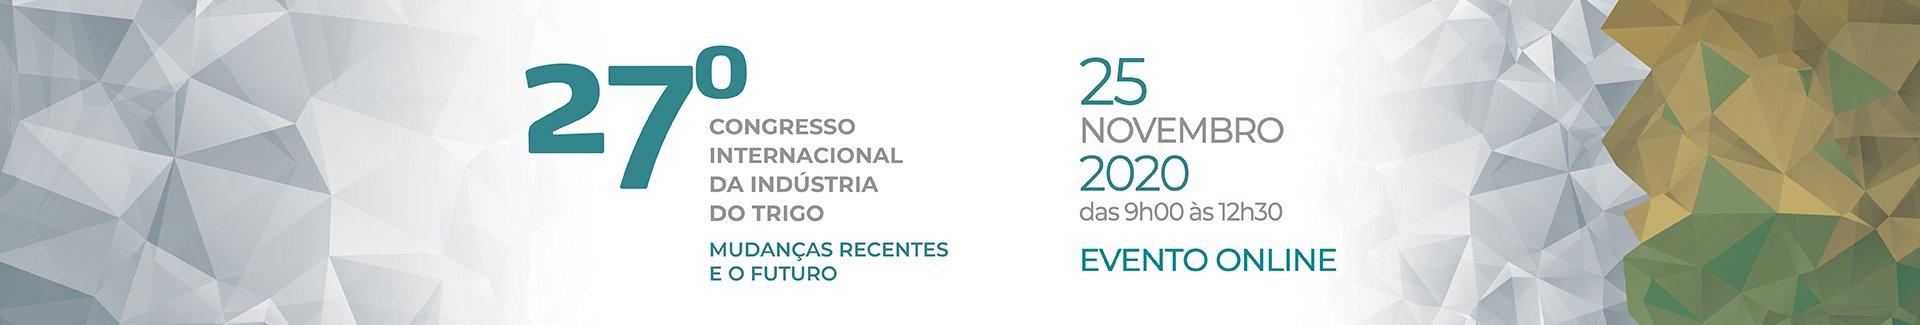 CONGRESSO ABITRIGO 2020